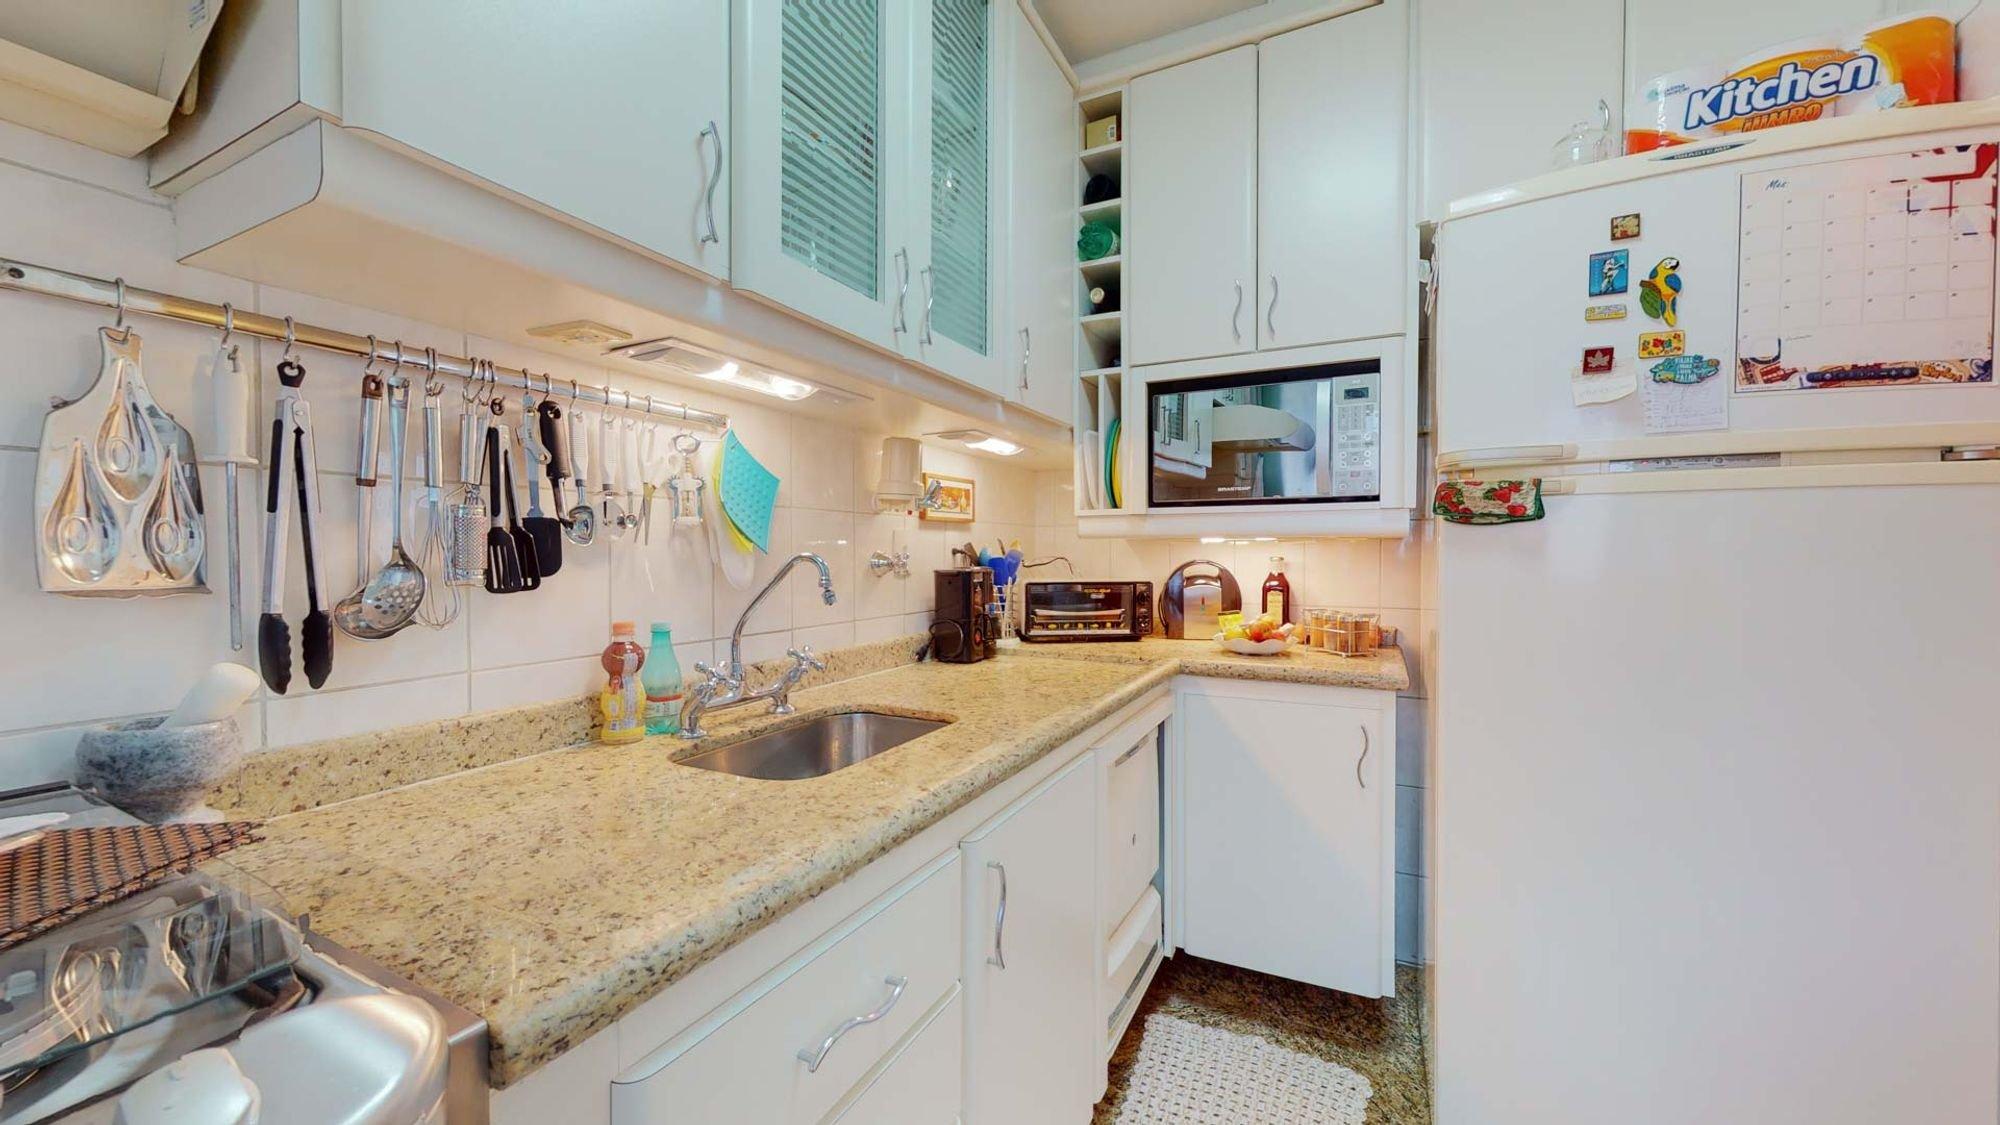 Foto de Cozinha com colher, garrafa, forno, geladeira, pia